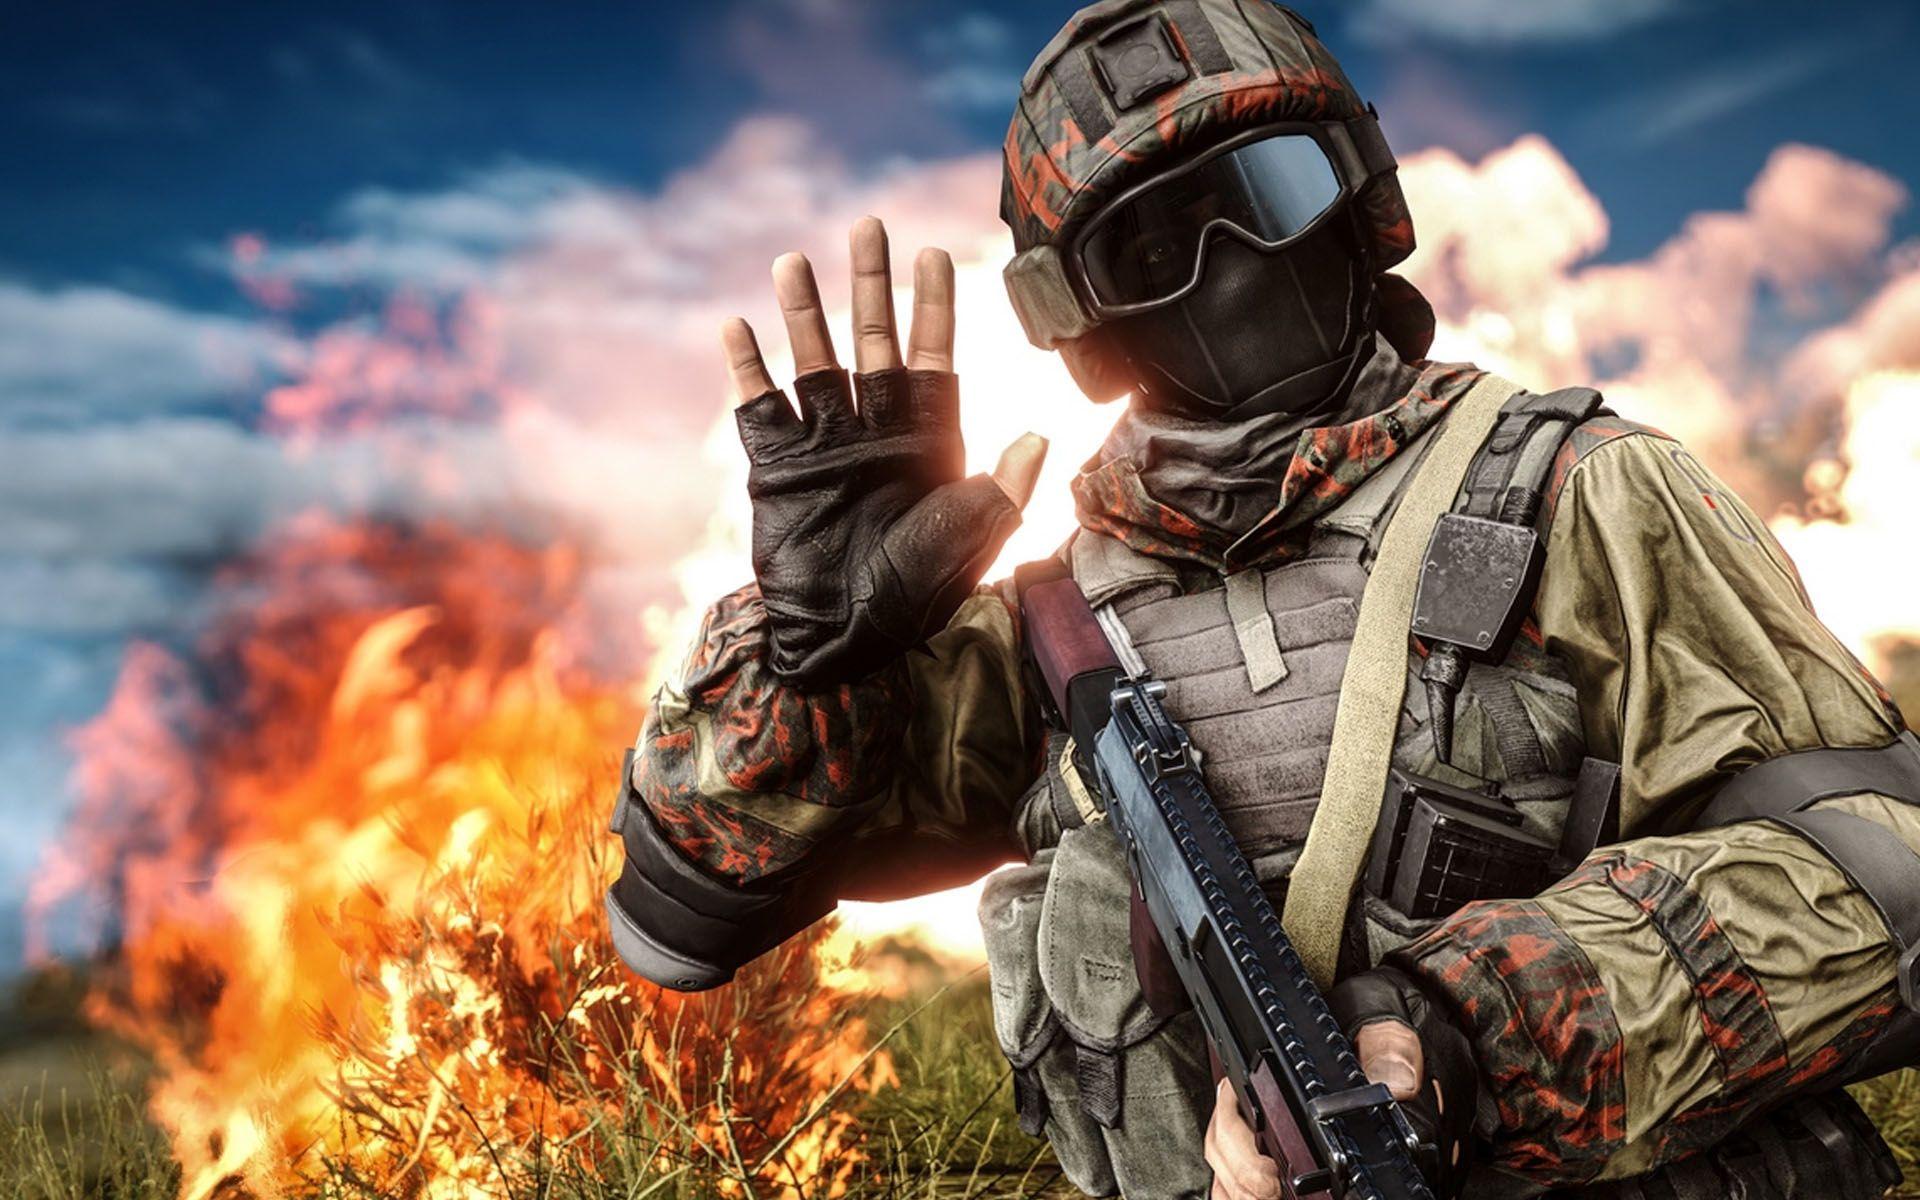 Battlefield 4 Gameplay Hd Wallpaper Battlefield 4 Battlefield